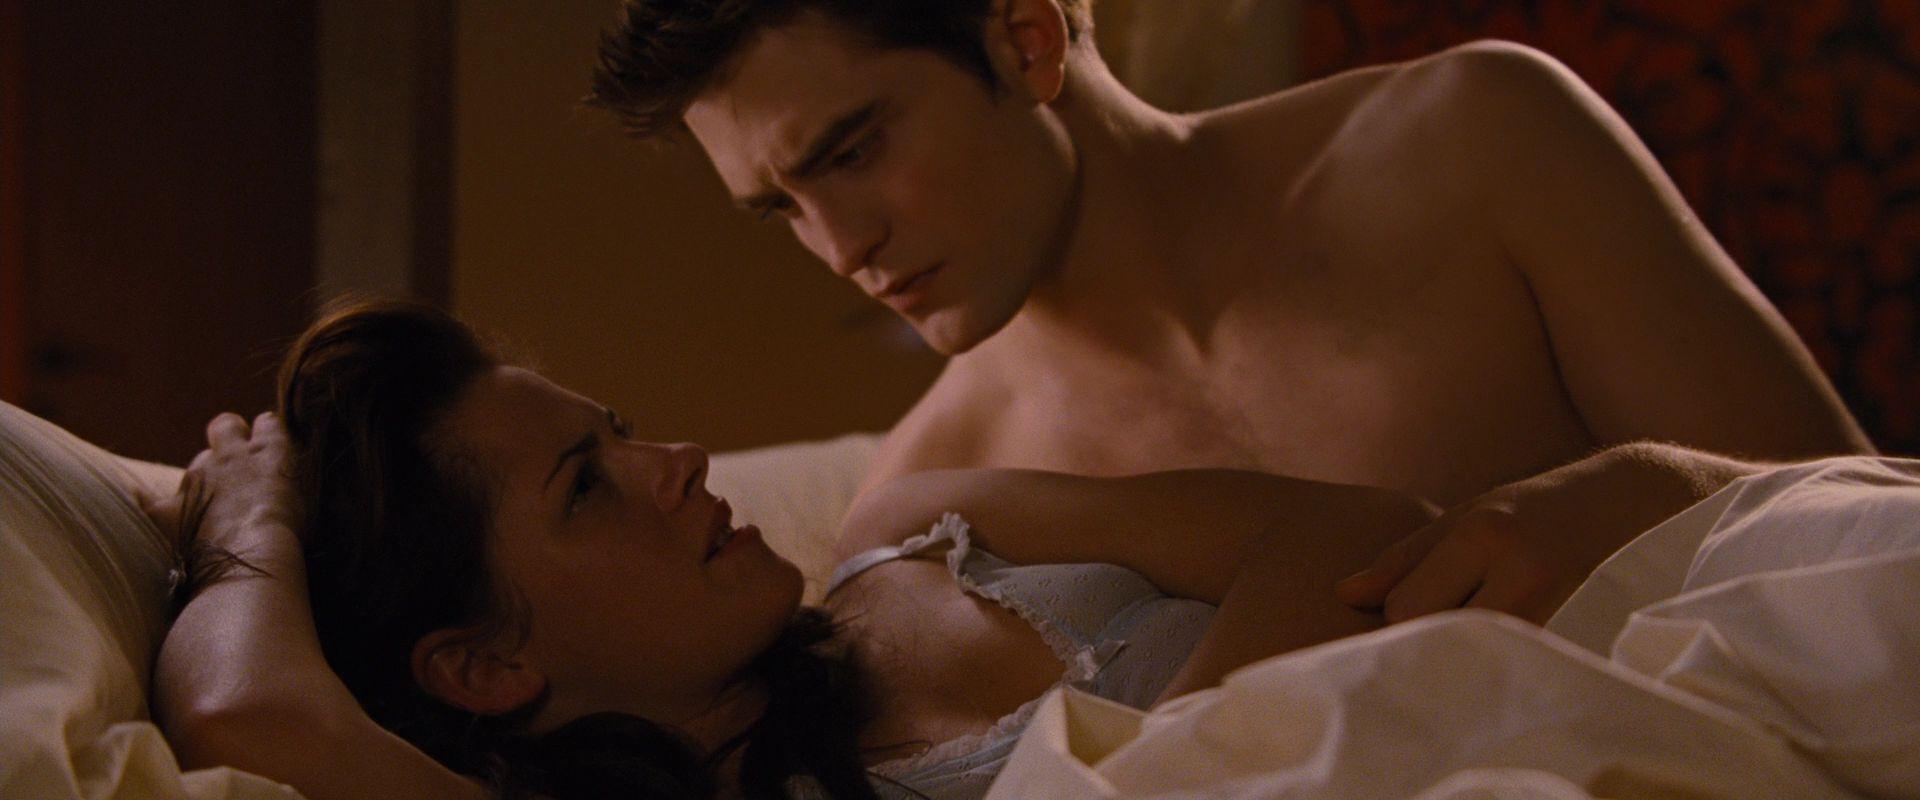 Fanfic twilight porno erotic images